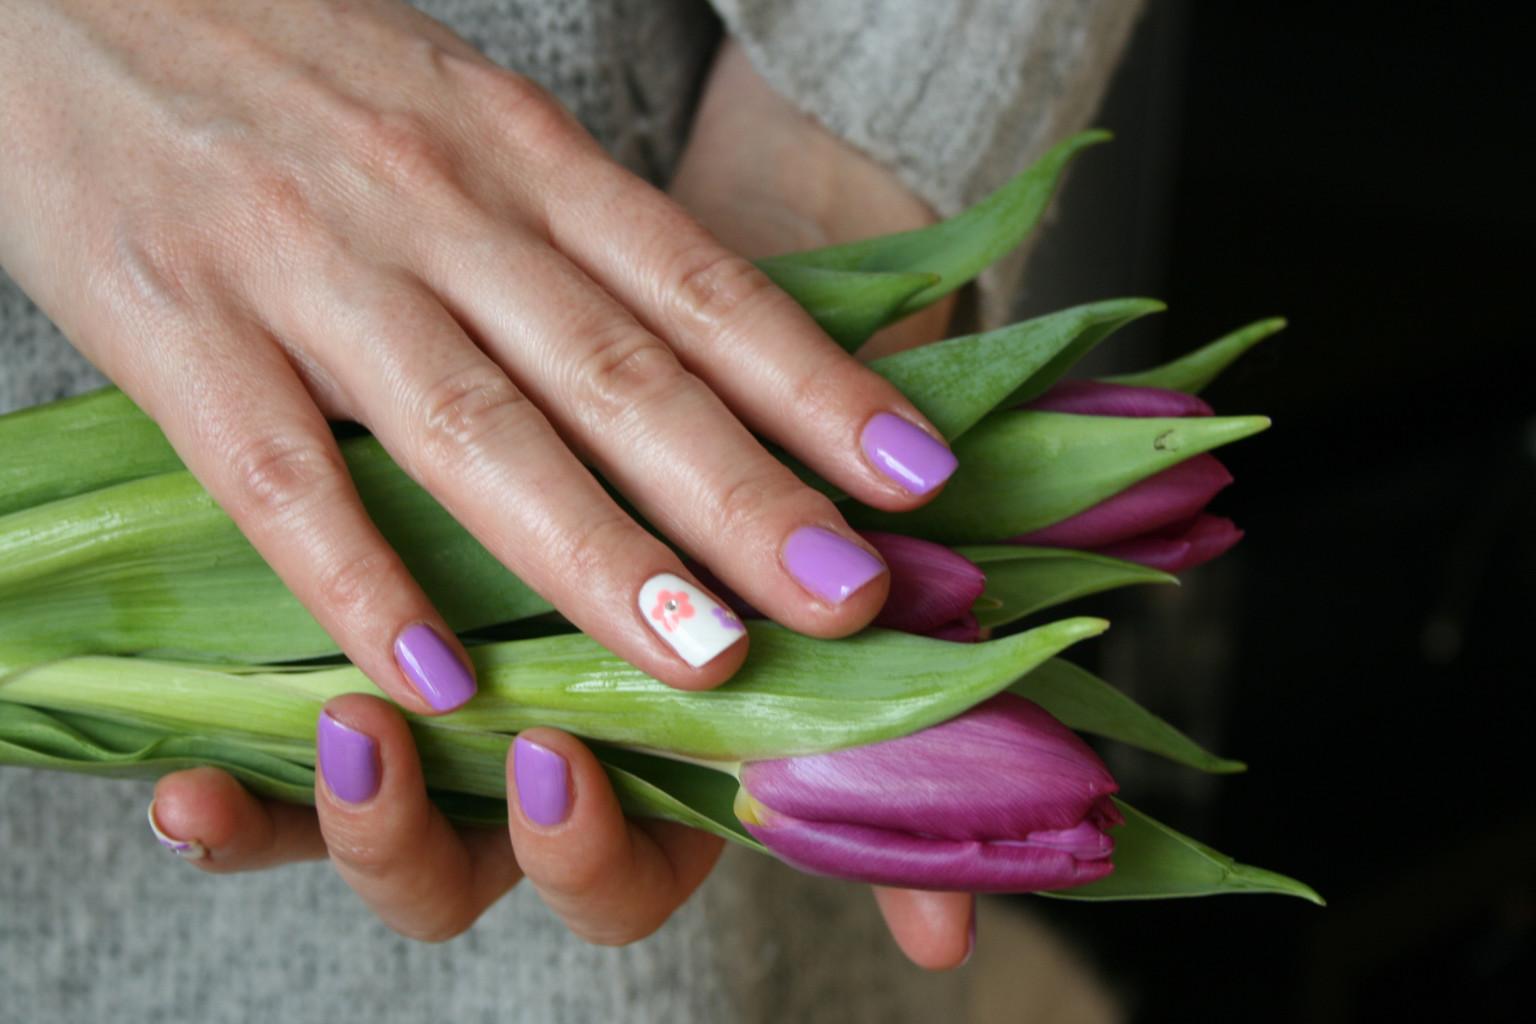 Hybrydowy manicure na wiosnę z lakierami Semilac glowlifestyle.pl - Copy